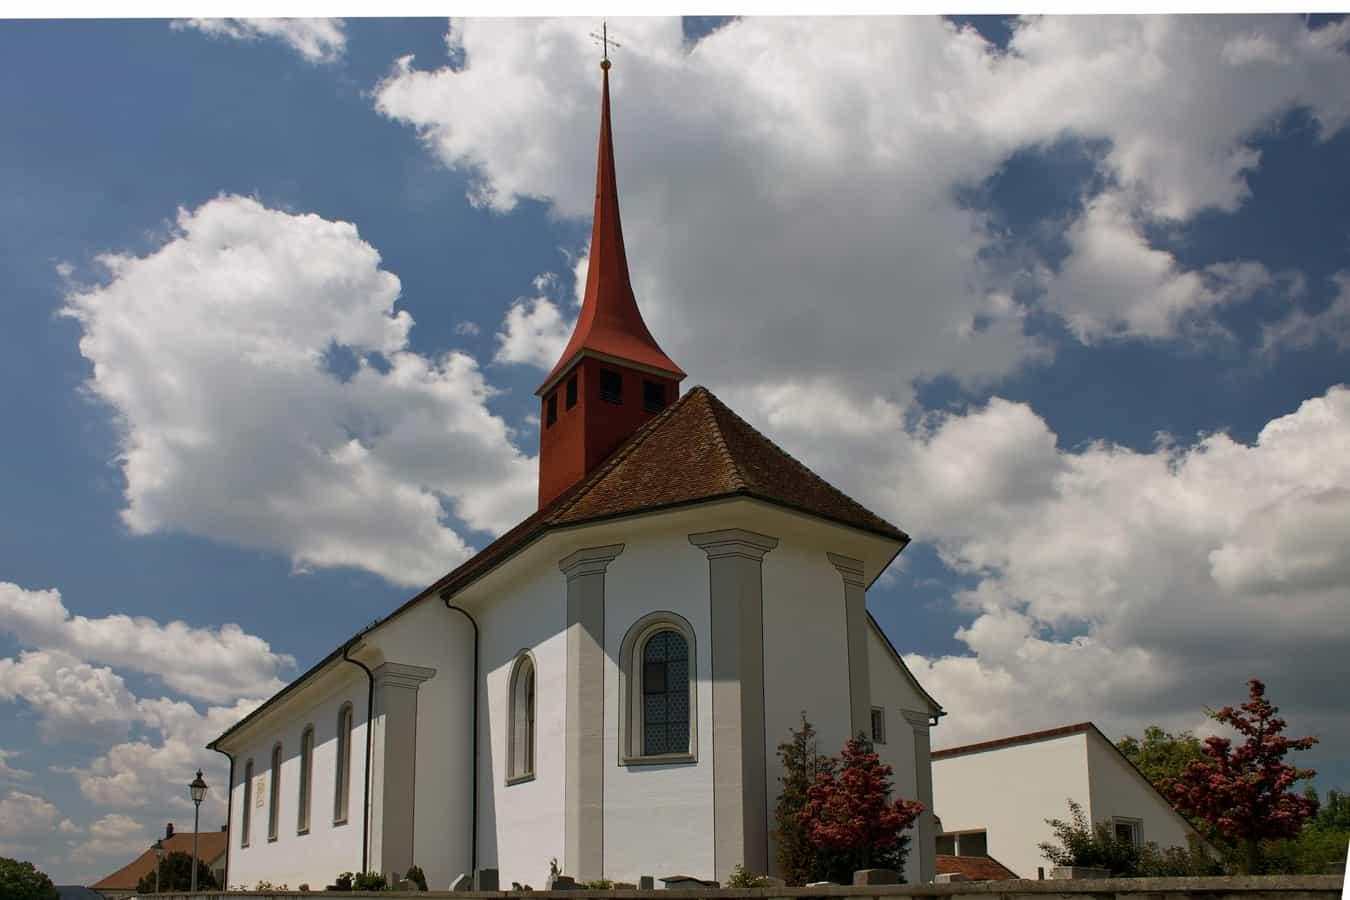 Die Katholische Kirche St. Gallus in Büron